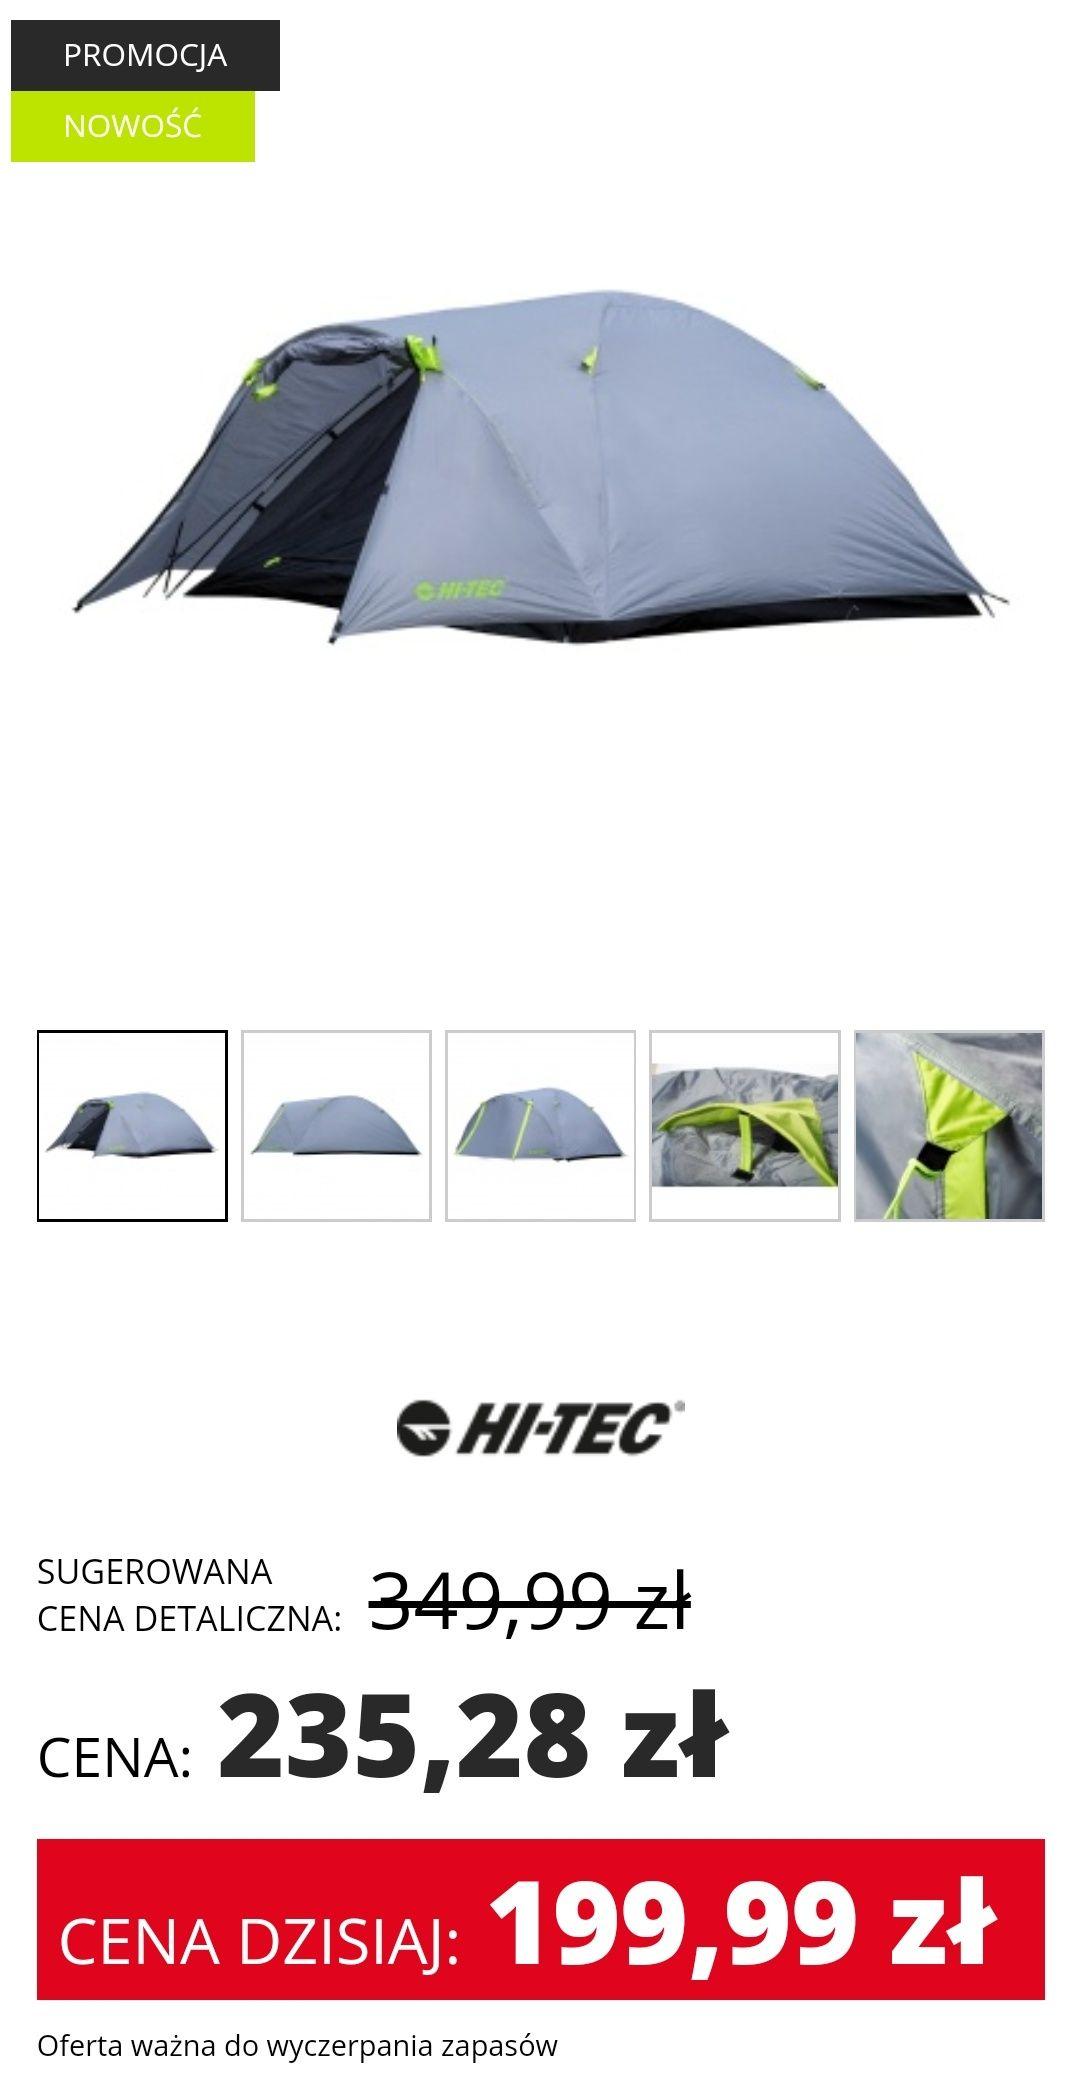 Namiot Hi-Tec Solarproof 4 czteroosobowy